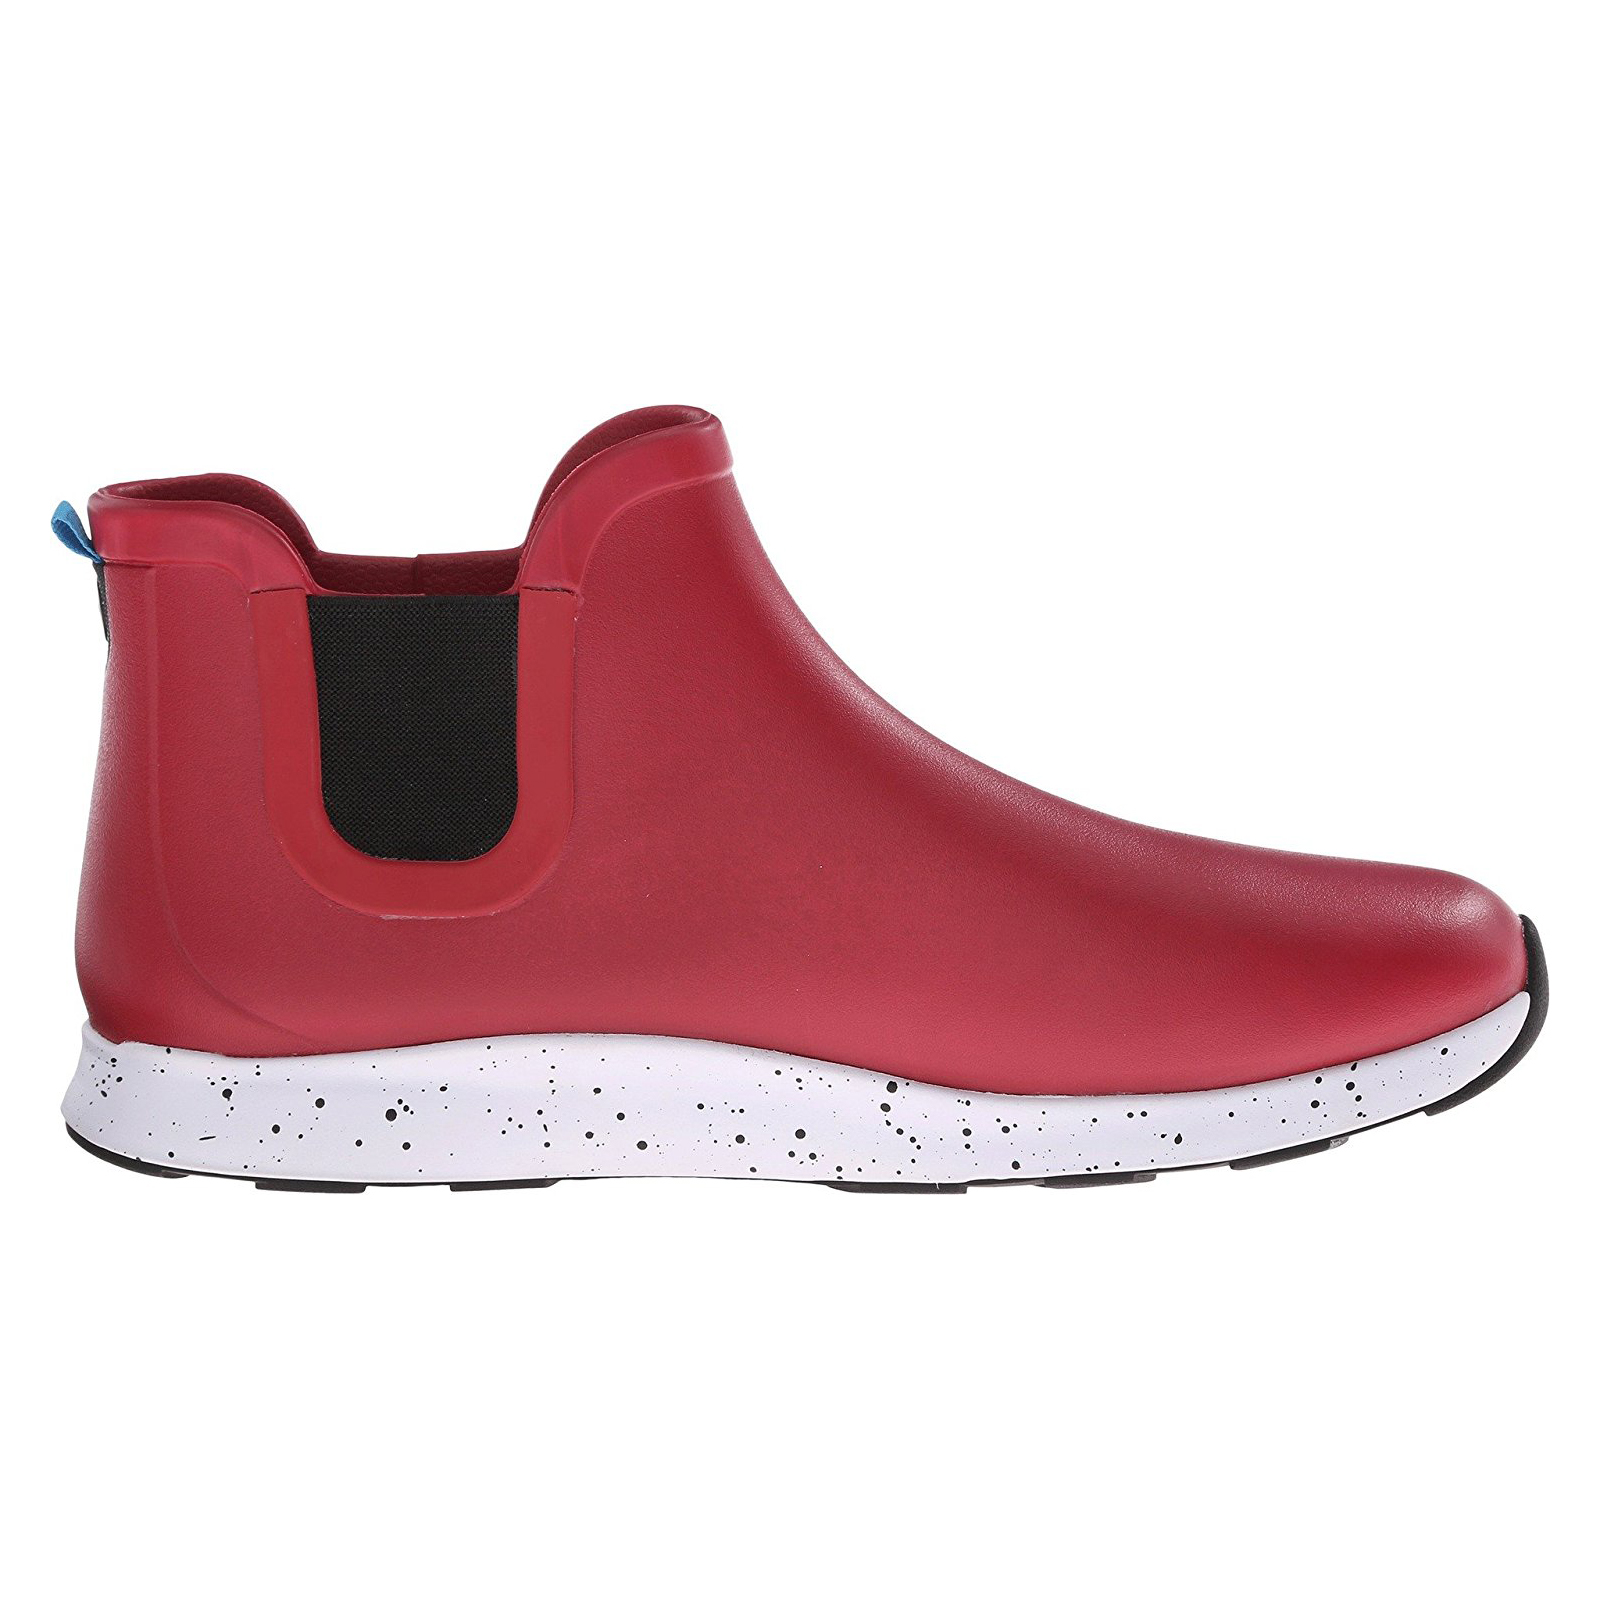 Rosso Apollo Rain Native Fire Rosso Nero Track conchiglia Sneakers Bianco TqzCw5zn1